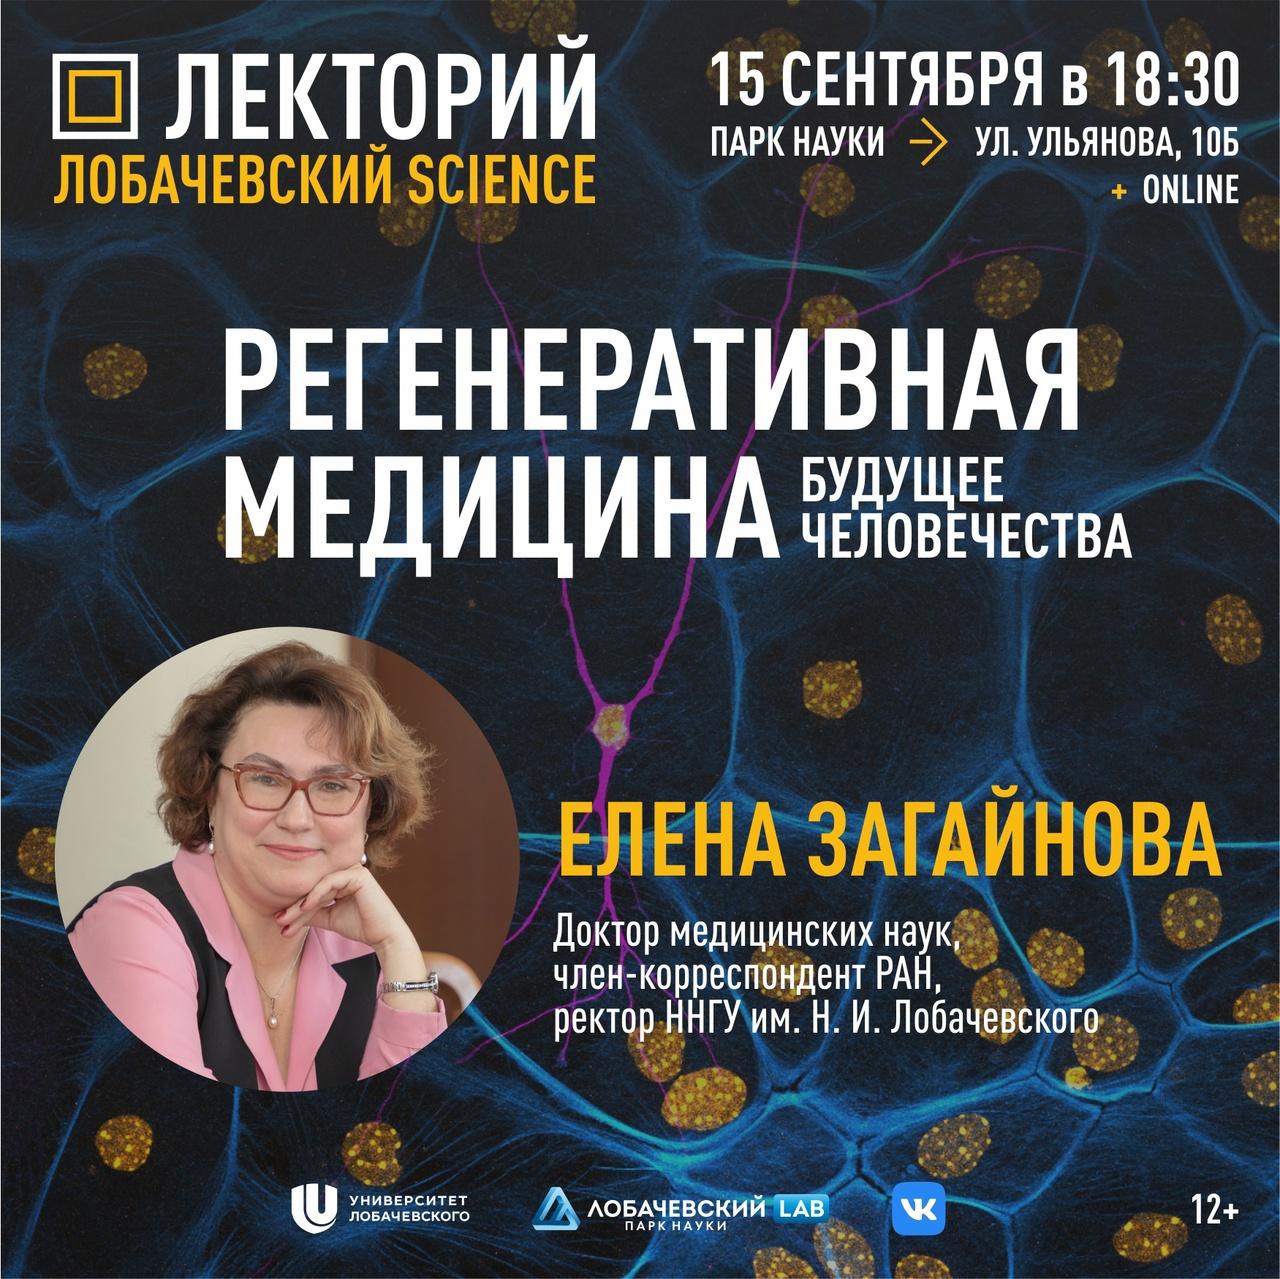 Афиша Нижний Новгород Регенеративная медицина будущее человечества